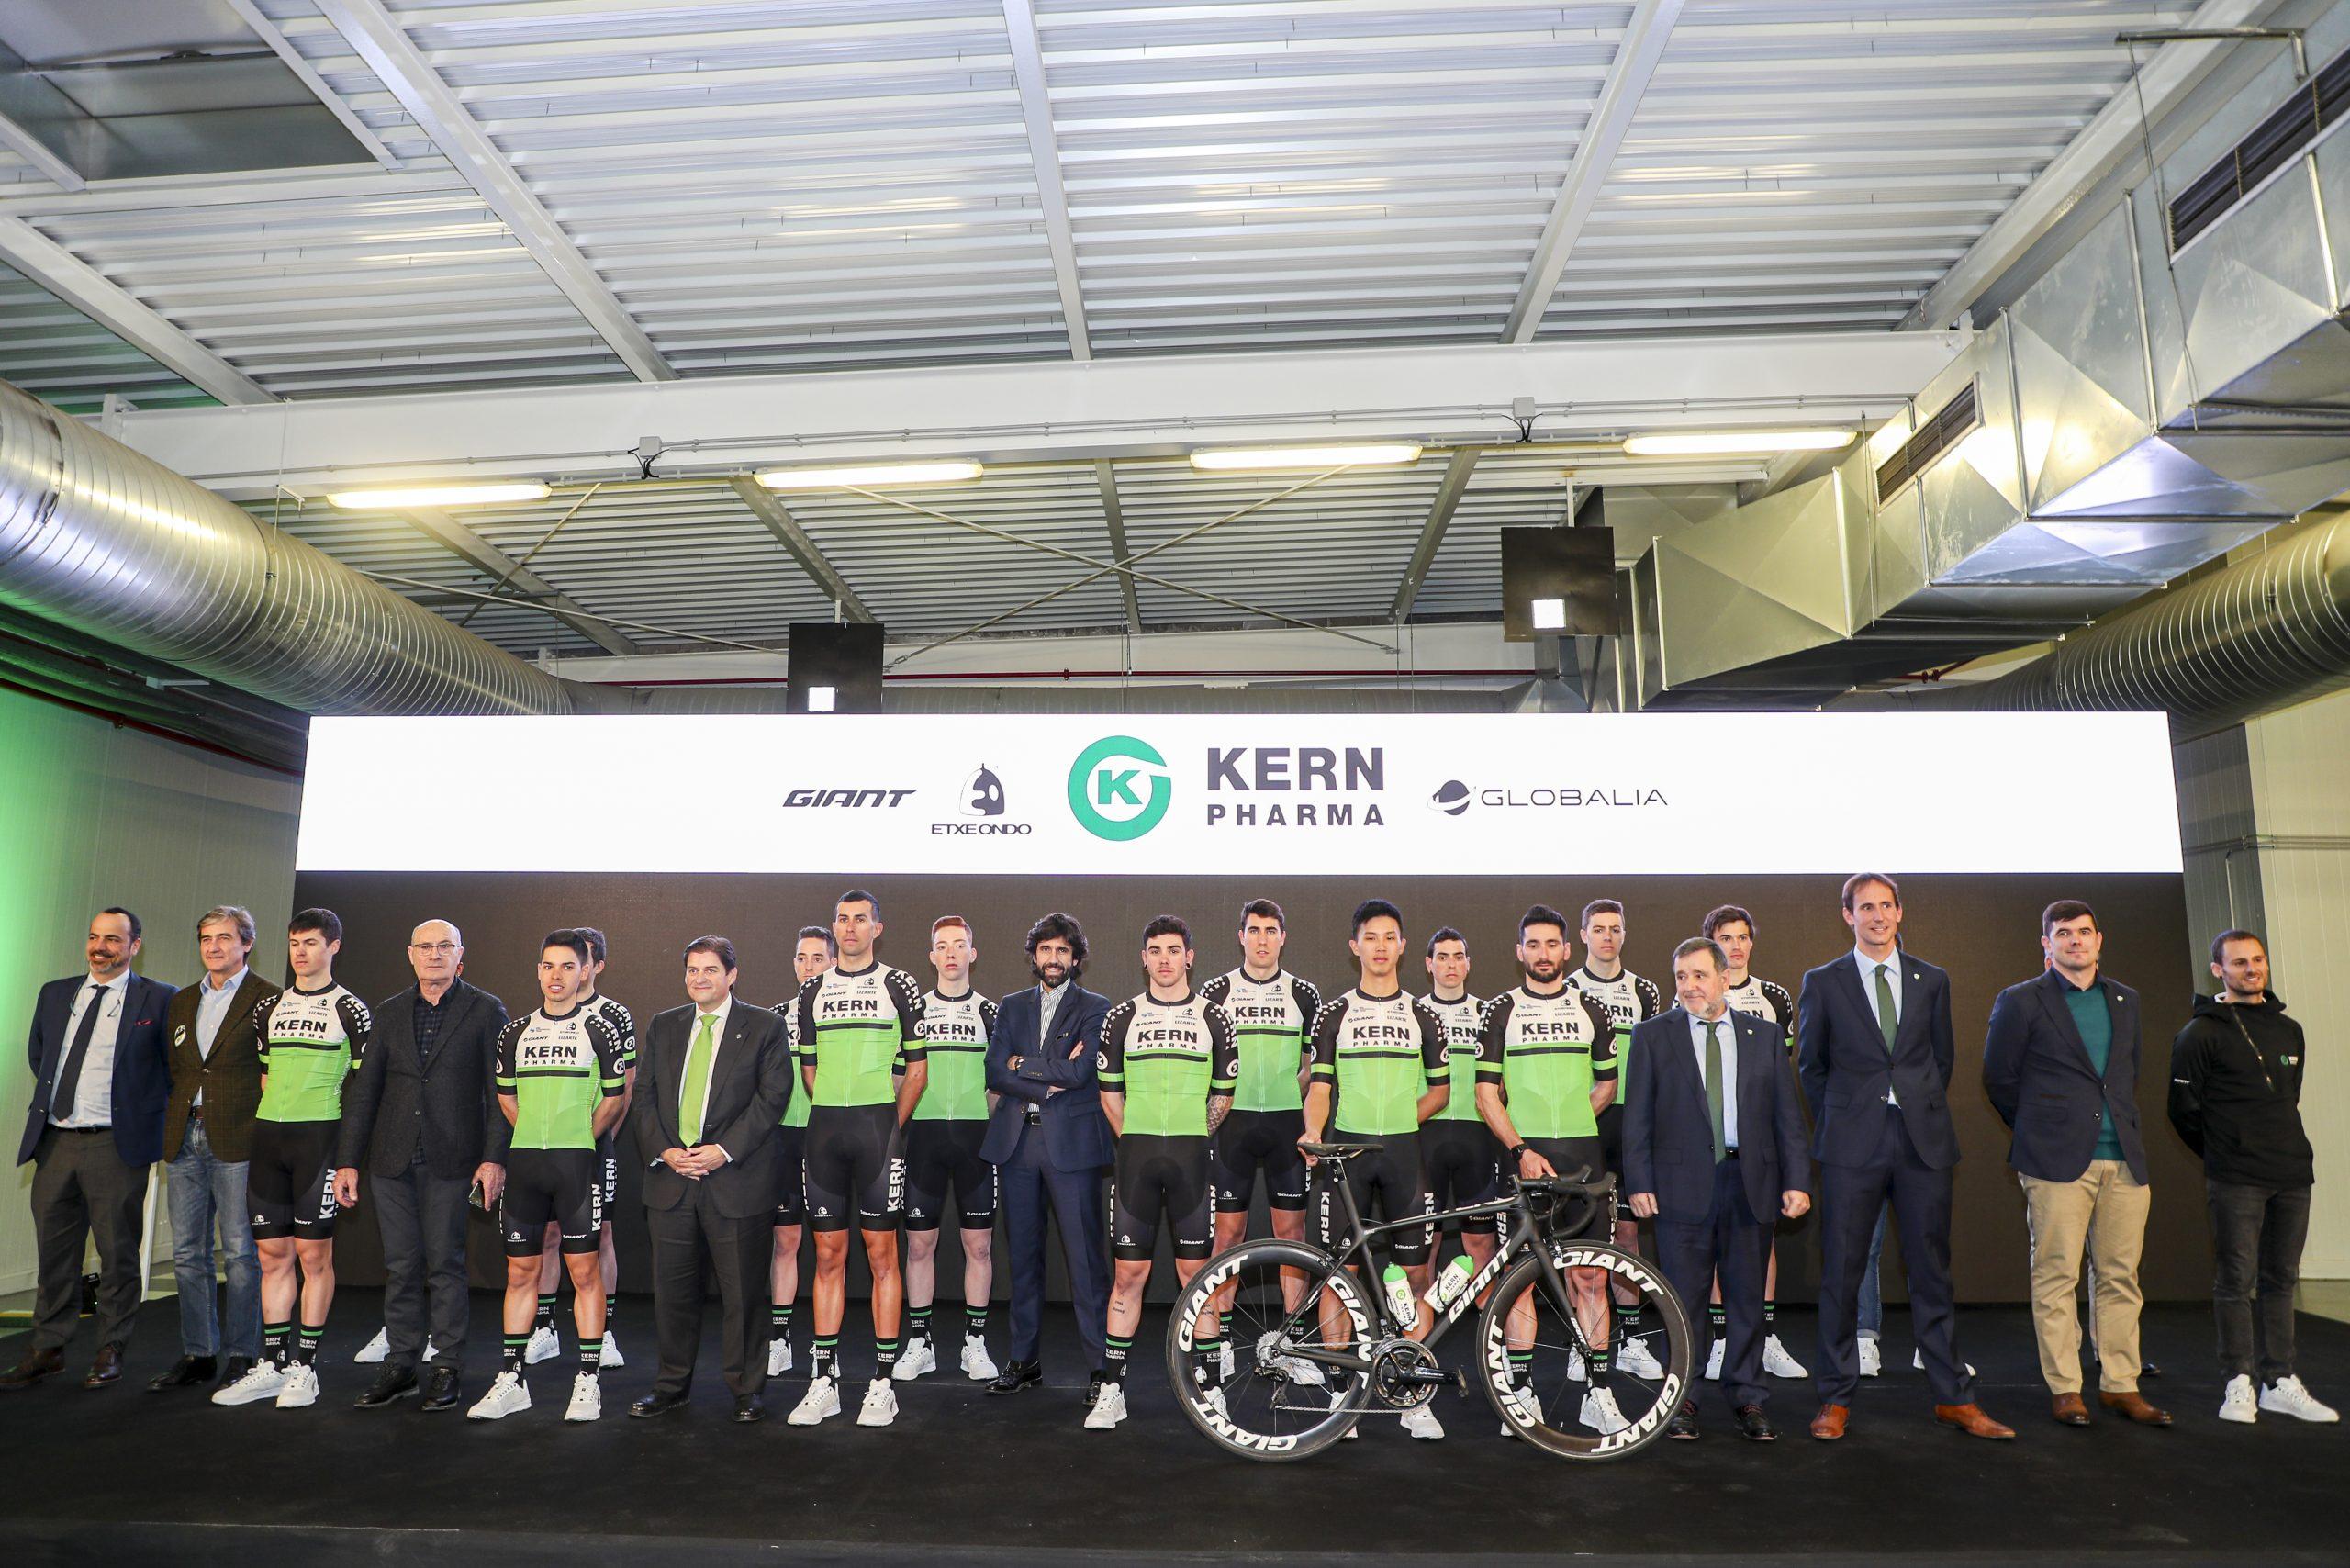 Mediterránea asiste a la presentación del nuevo equipo ciclista de Kern Pharma